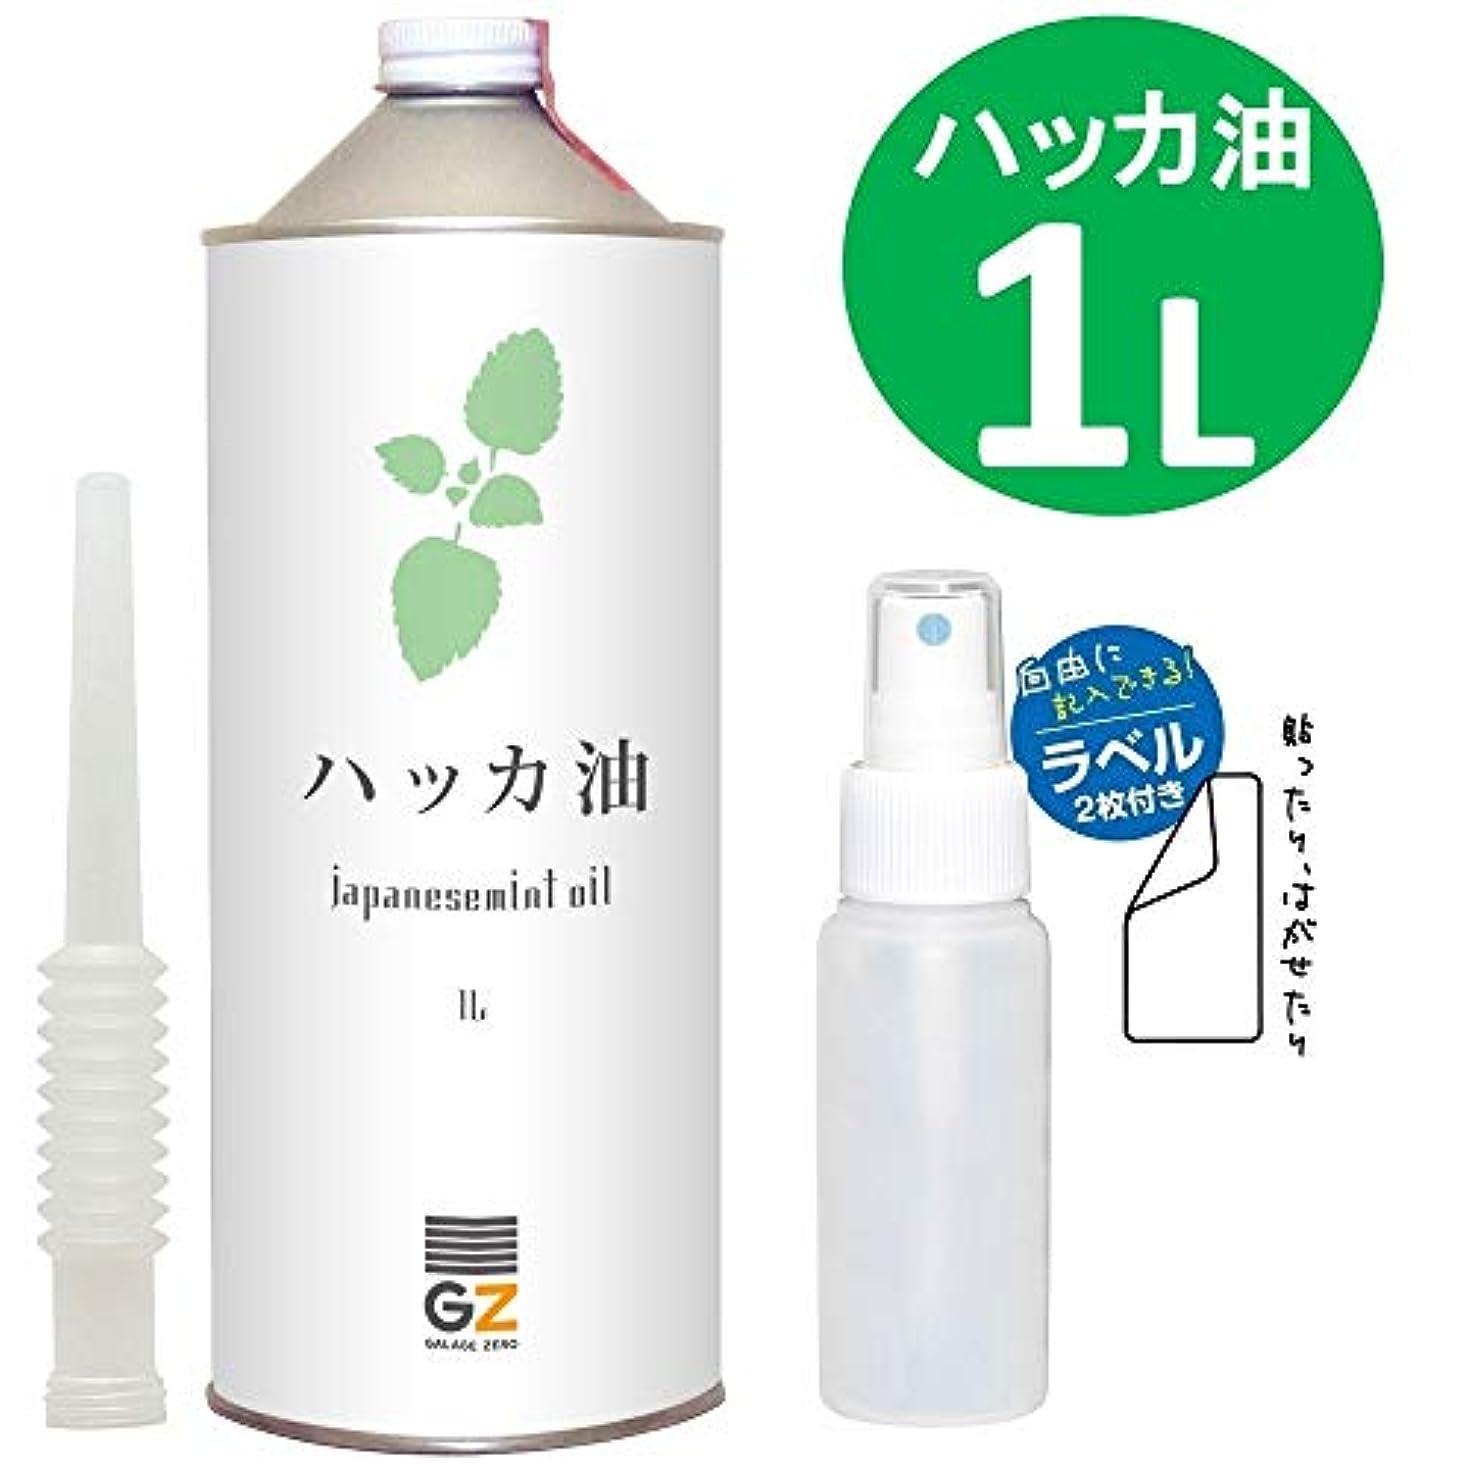 気候前バイバイガレージ?ゼロ ハッカ油 1L(GZAK14)+50mlPEスプレーボトル/和種薄荷/ジャパニーズミント GSE531